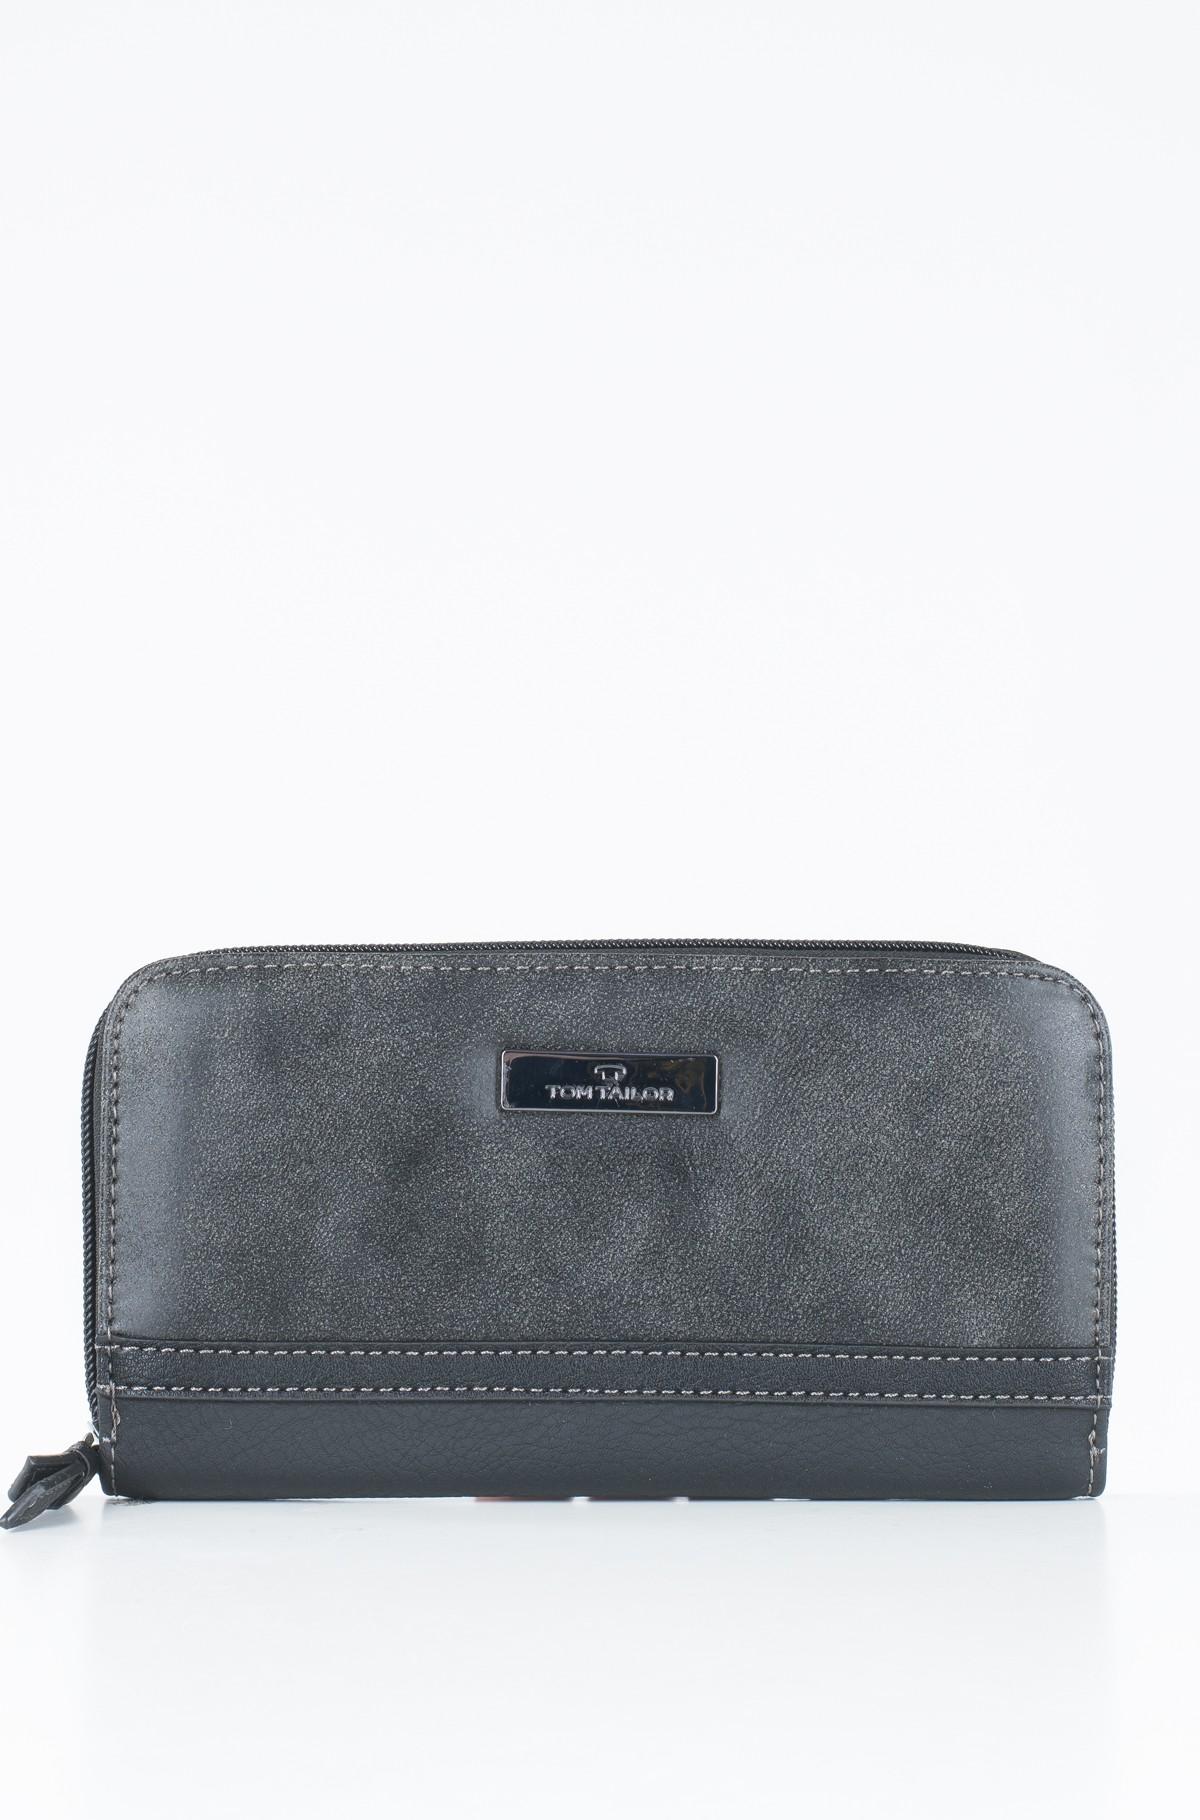 Wallet 24425-full-1